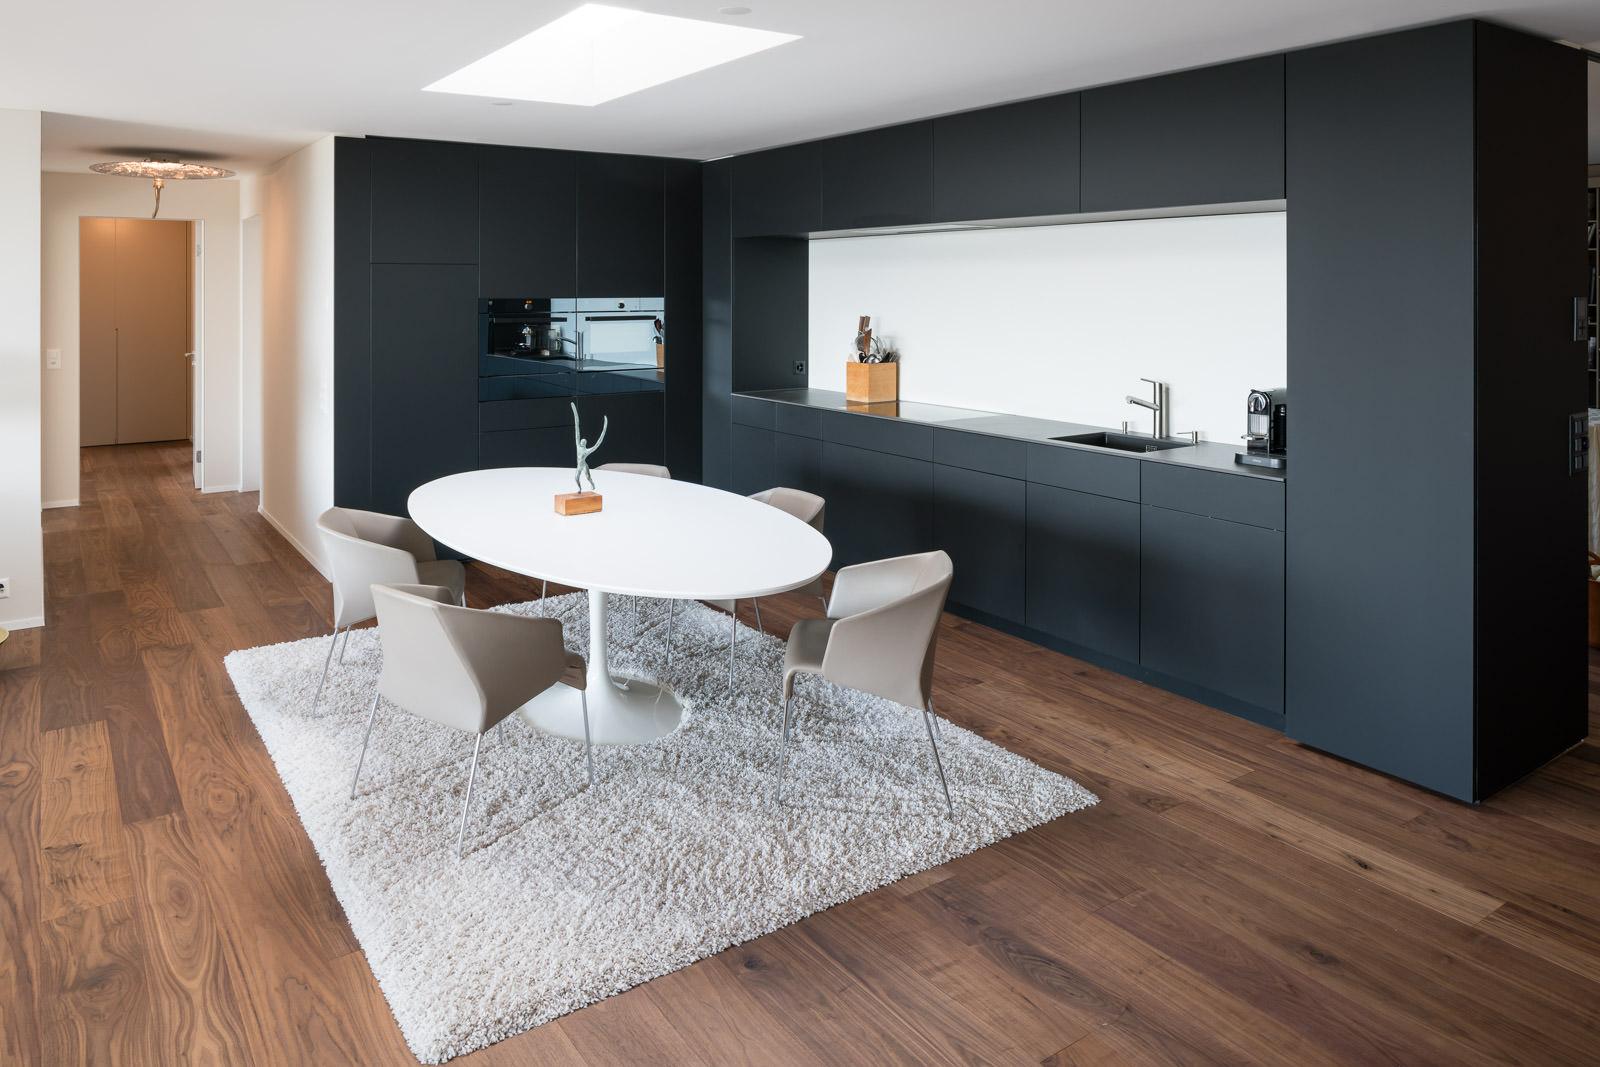 Küche - interieur